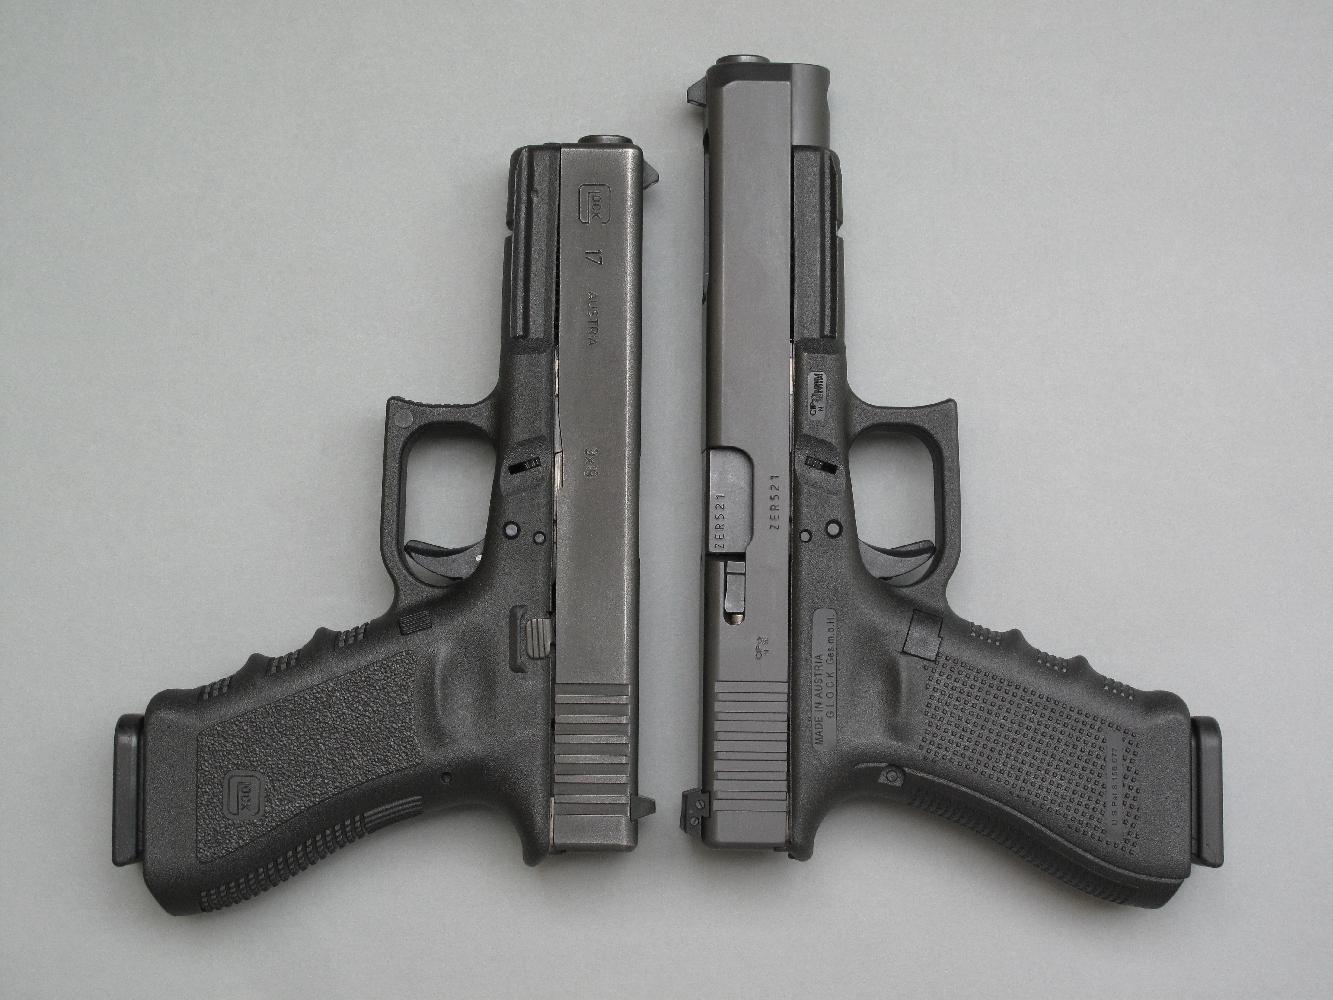 Cette comparaison entre le G34 Gen4 et un G17 Gen3 permet de mettre en évidence les différences dimensionnelles, dues à l'allongement de la glissière et du canon, de même que la texture antidérapante par picots de type RTF3 dont disposent les flancs de la poignée du G34.